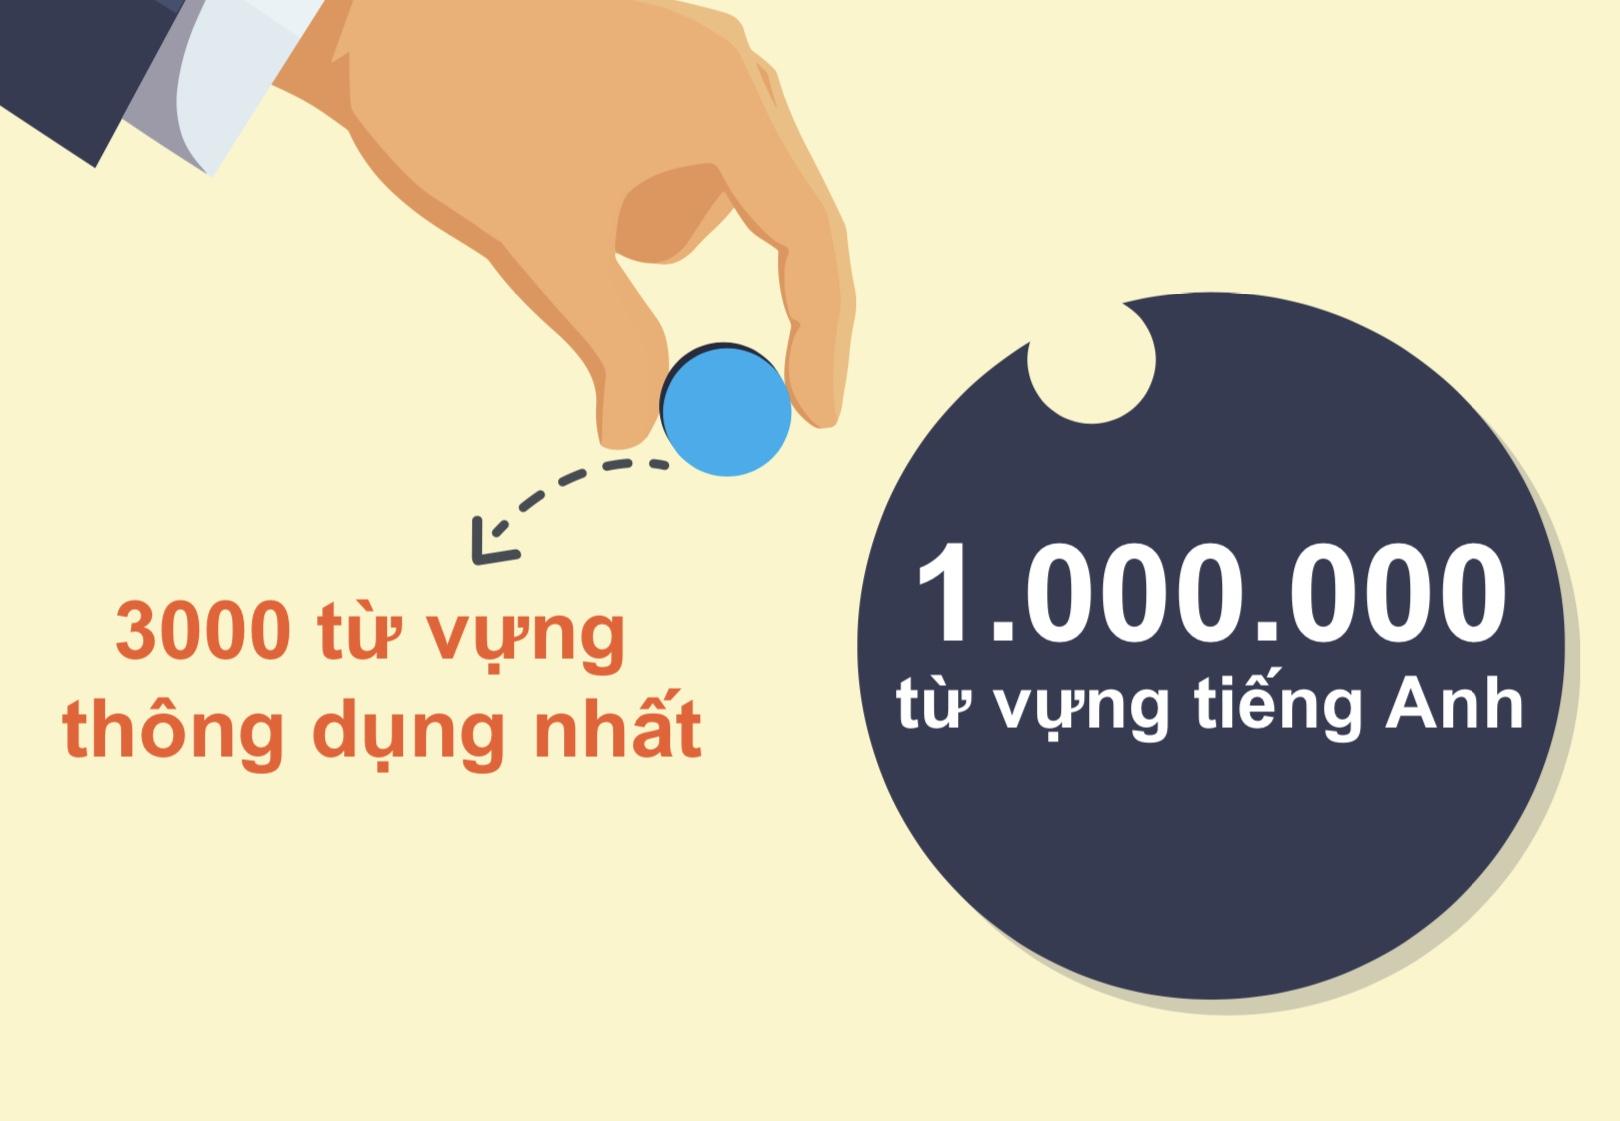 3000 từ vựng tiếng Anh thông dụng nhất theo chủ đề.